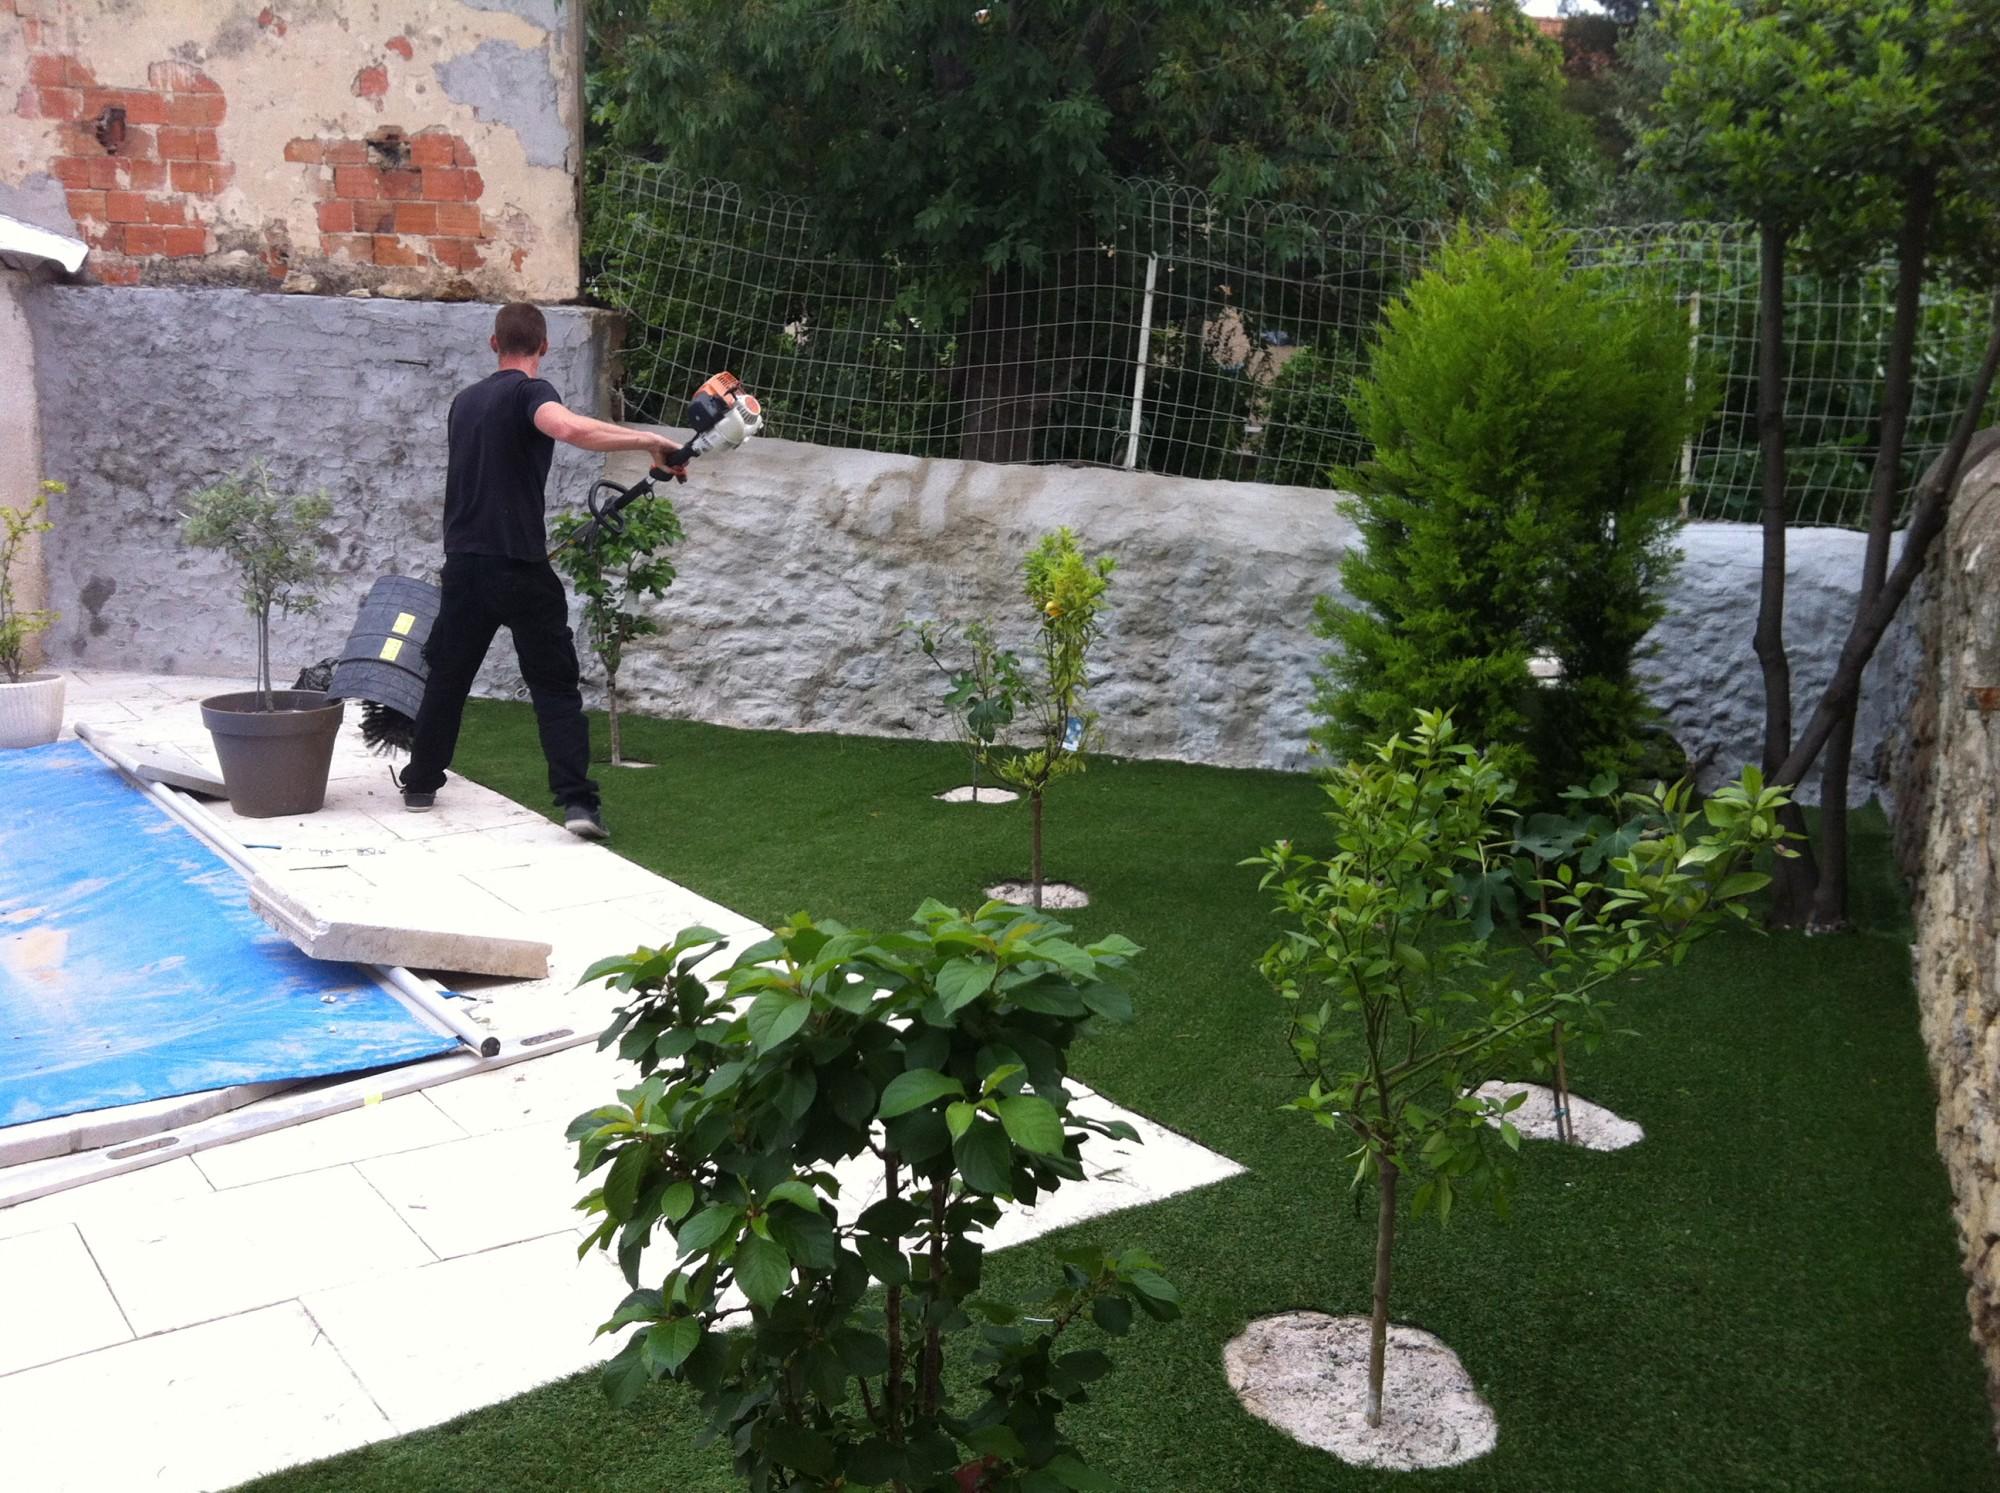 installation d'un gazon synthétique près d'une piscine à marseille